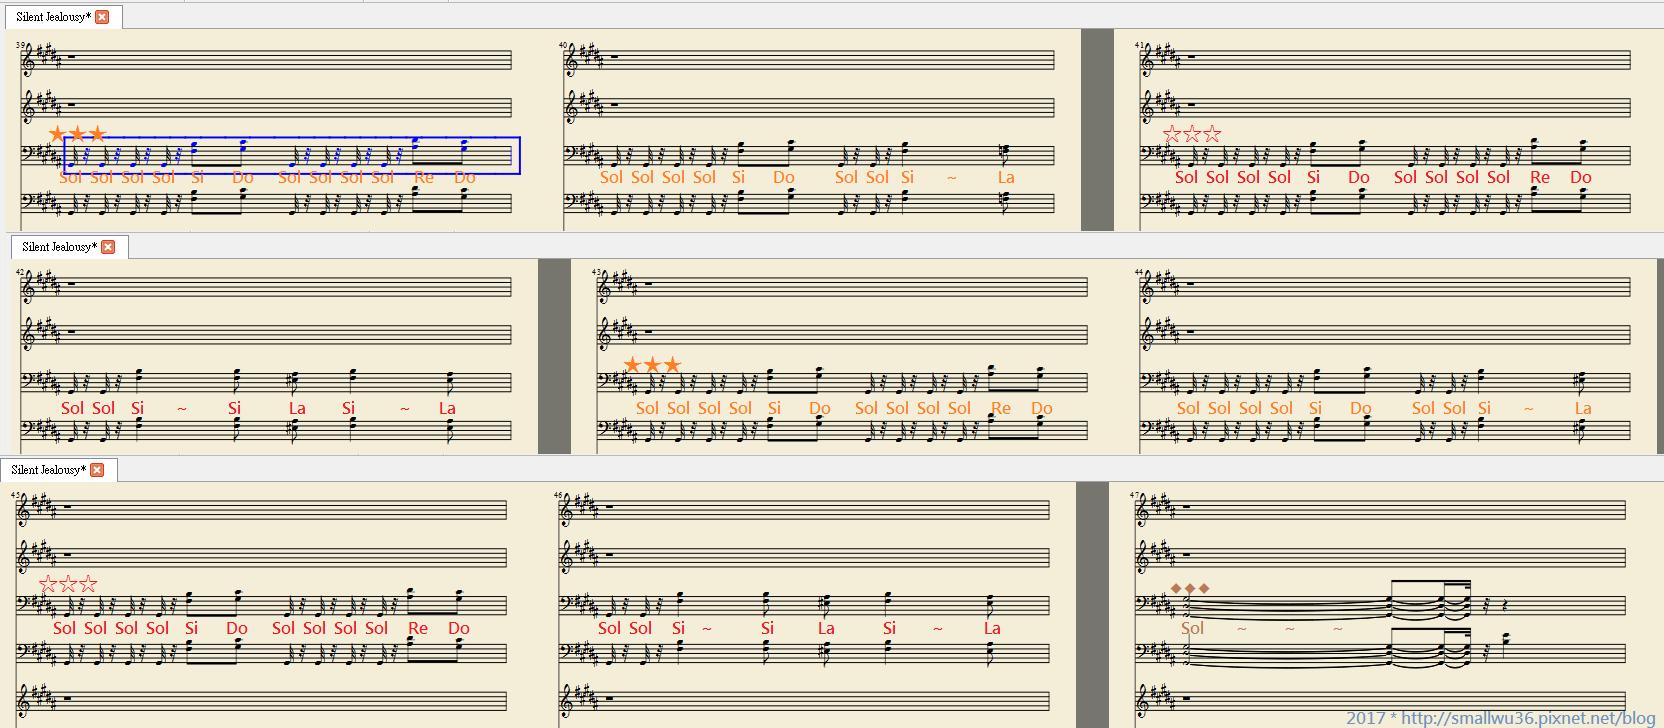 使用 MuseScore 轉 midi - 002 吉他B旋律